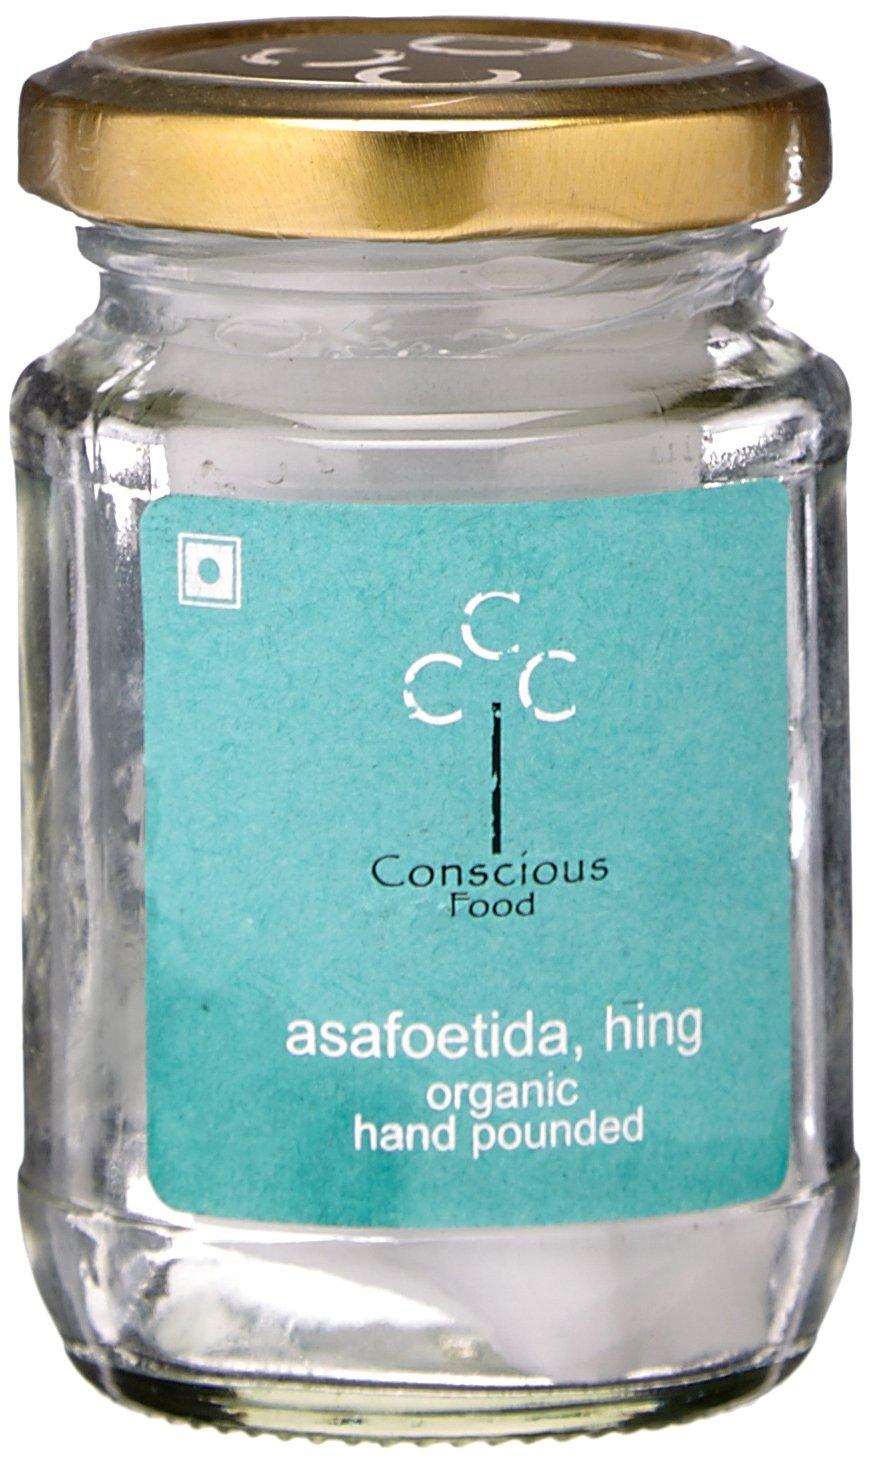 Conscious Food Organic Asafoetida (Hing), 10g by Conscious Food